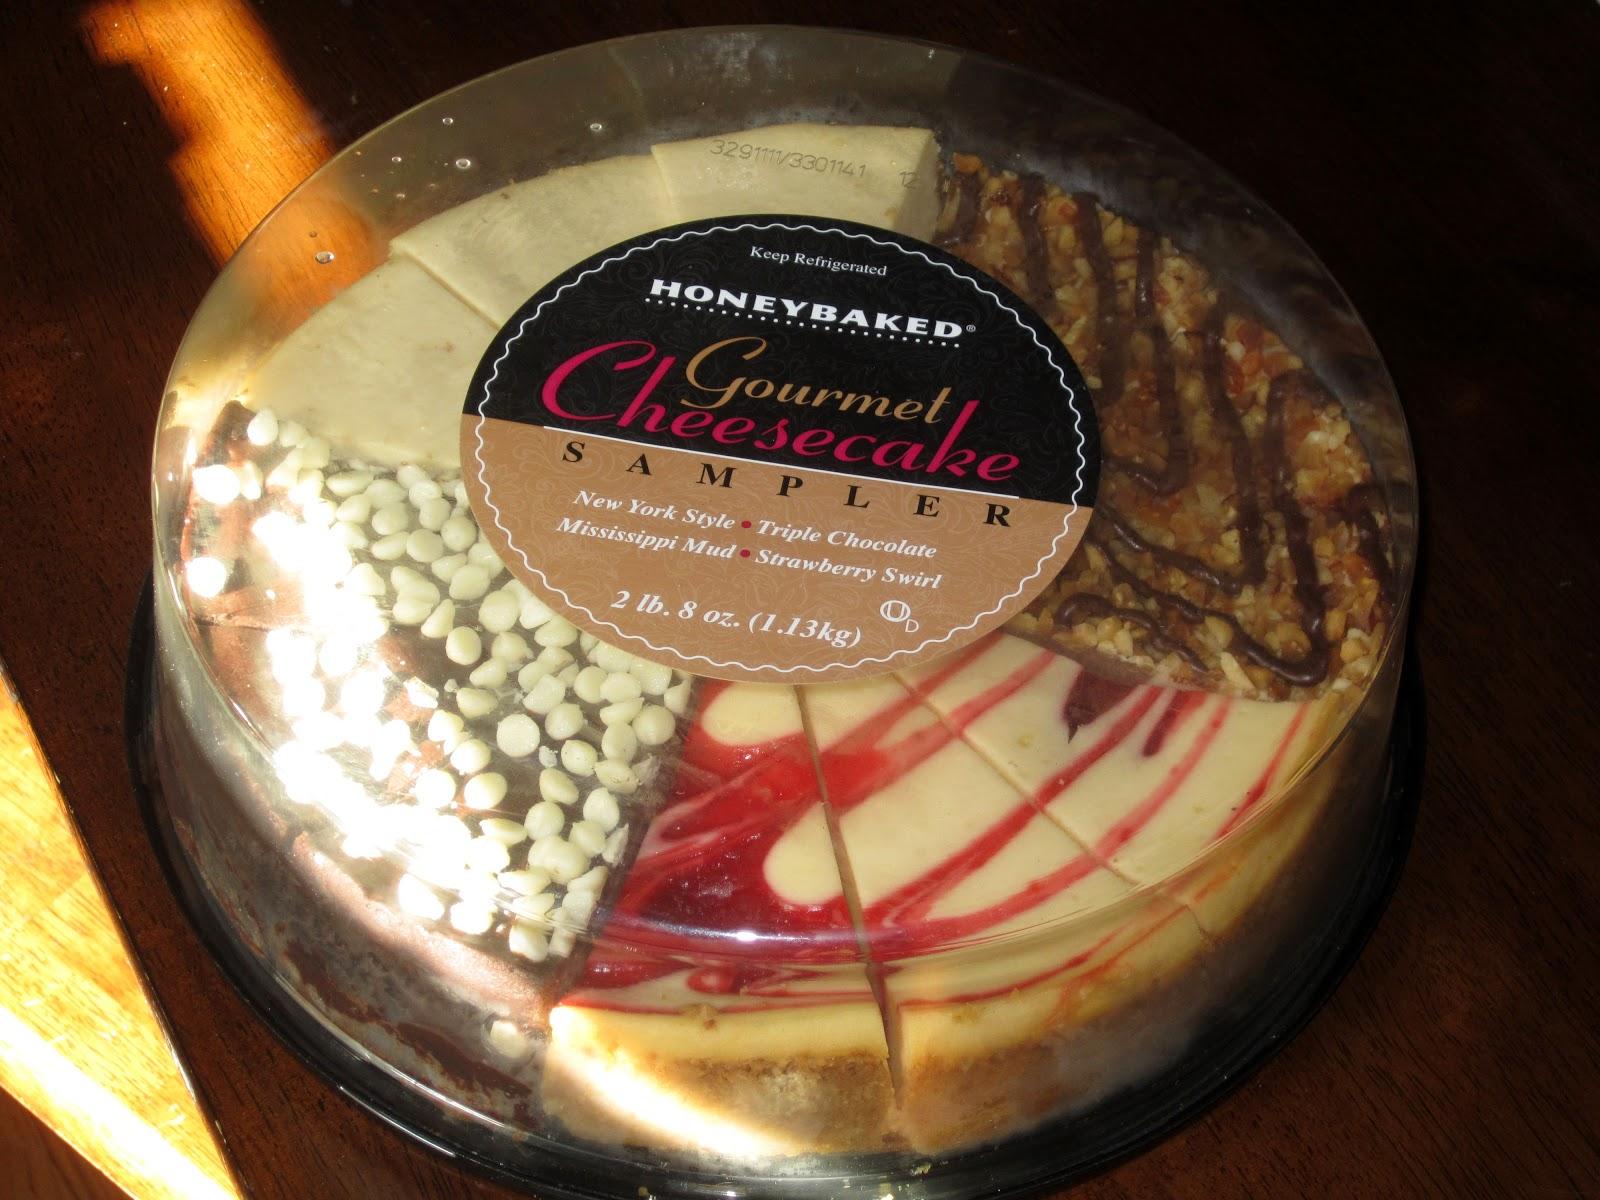 Ham company - Honeybaked Ham Company Thanksgiving Cheesecake